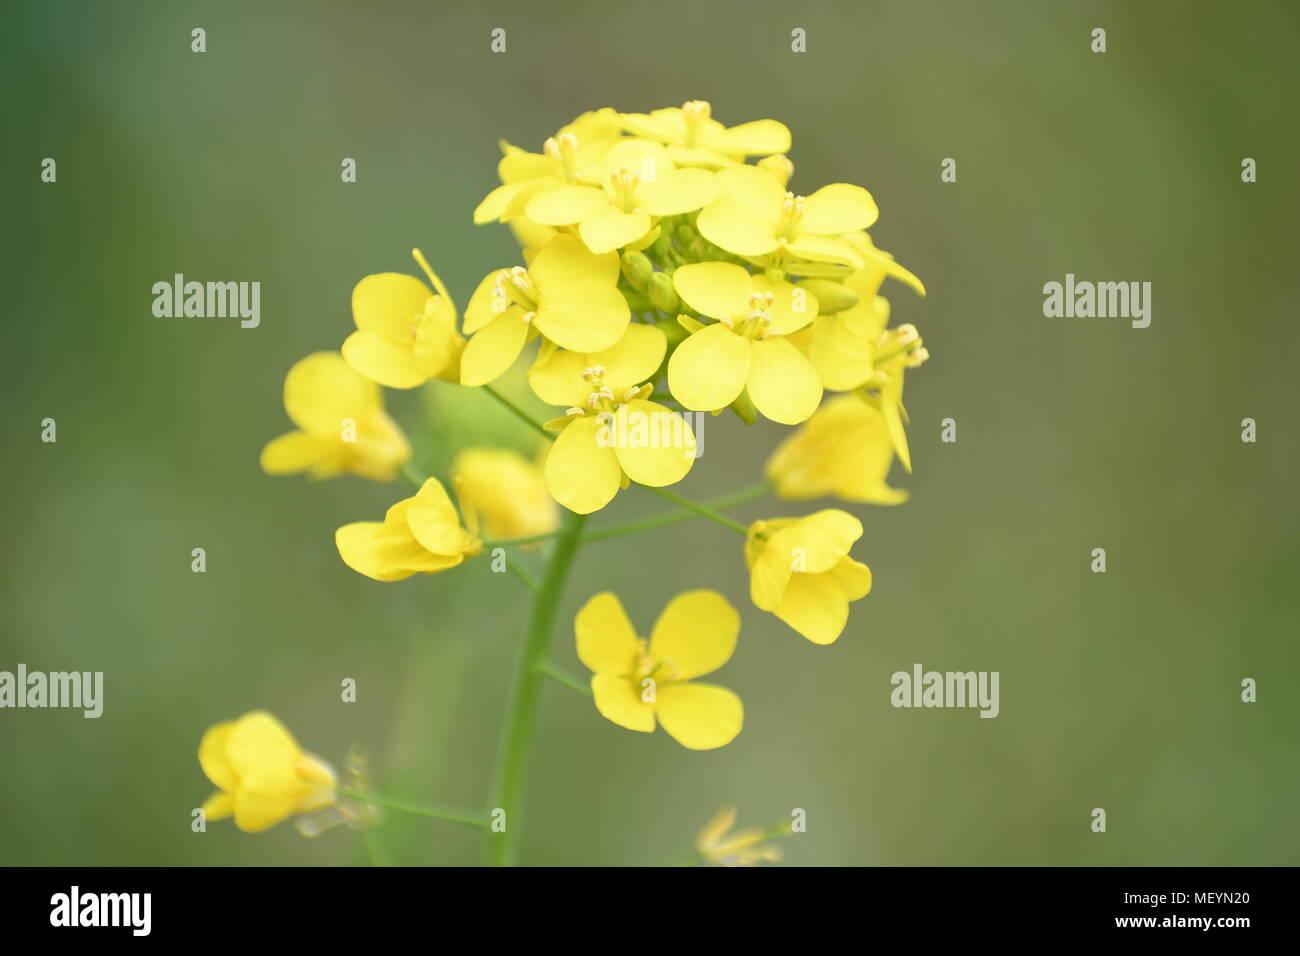 Foto Fiori Gialli.Cluster Di Minuscoli Fiori Gialli Che Crescono In Un Giardino